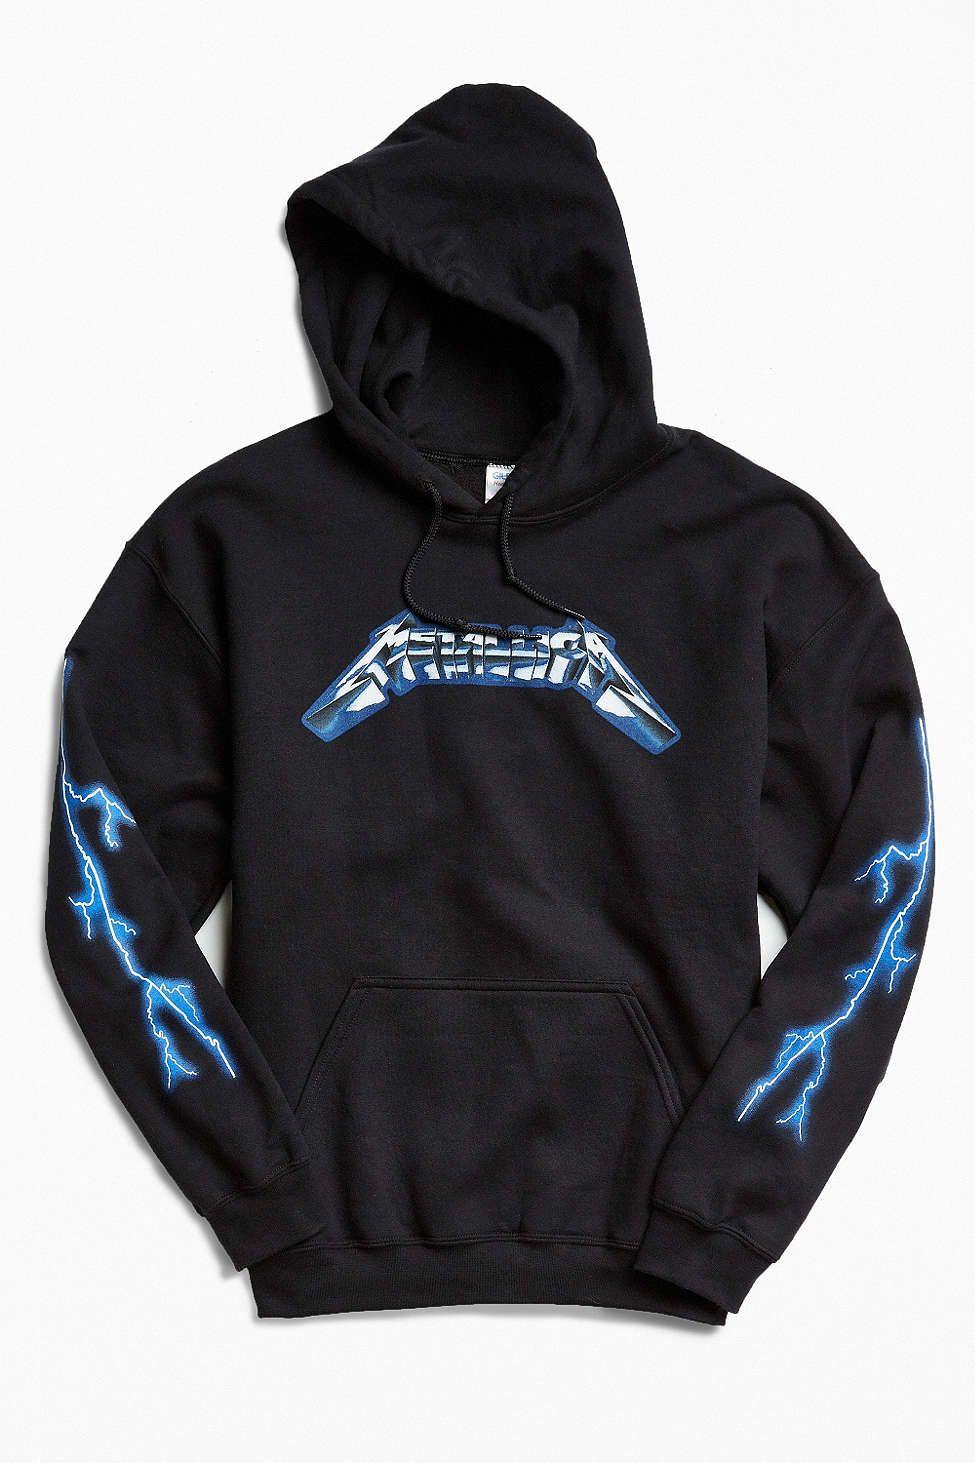 782d0cca Metallica Ride The Lightning Hoodie Sweatshirt   Things   Hoodies ...